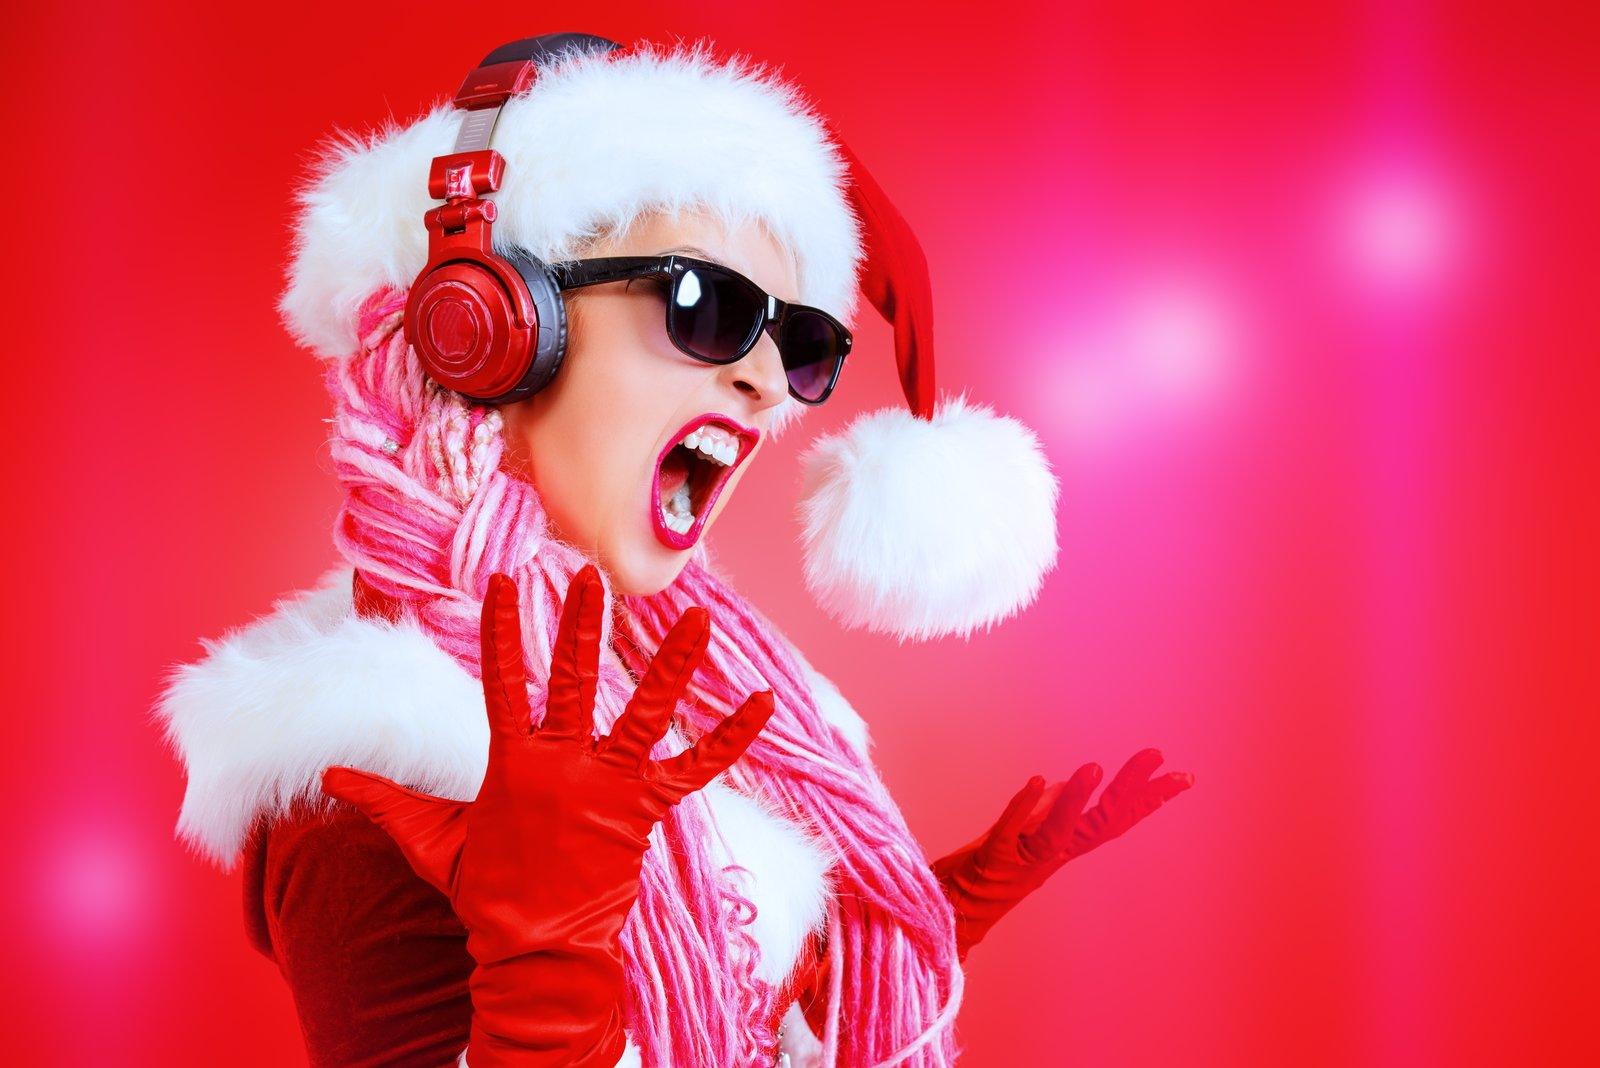 Słuchanie świątecznych piosenek (na okrągło) może być szkodliwe dla zdrowia?